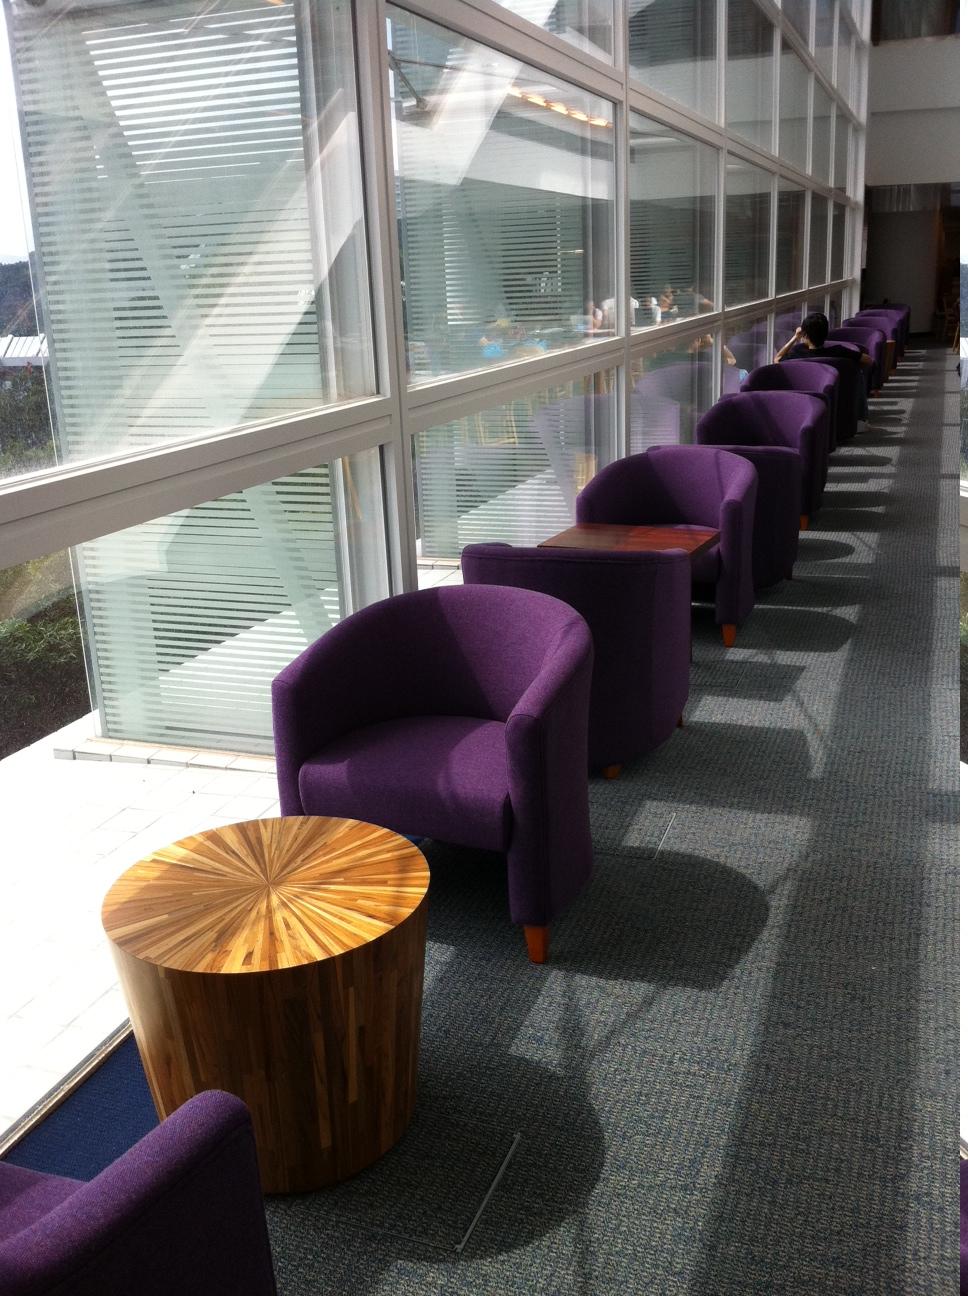 Sofa Chairs Along Window Wall